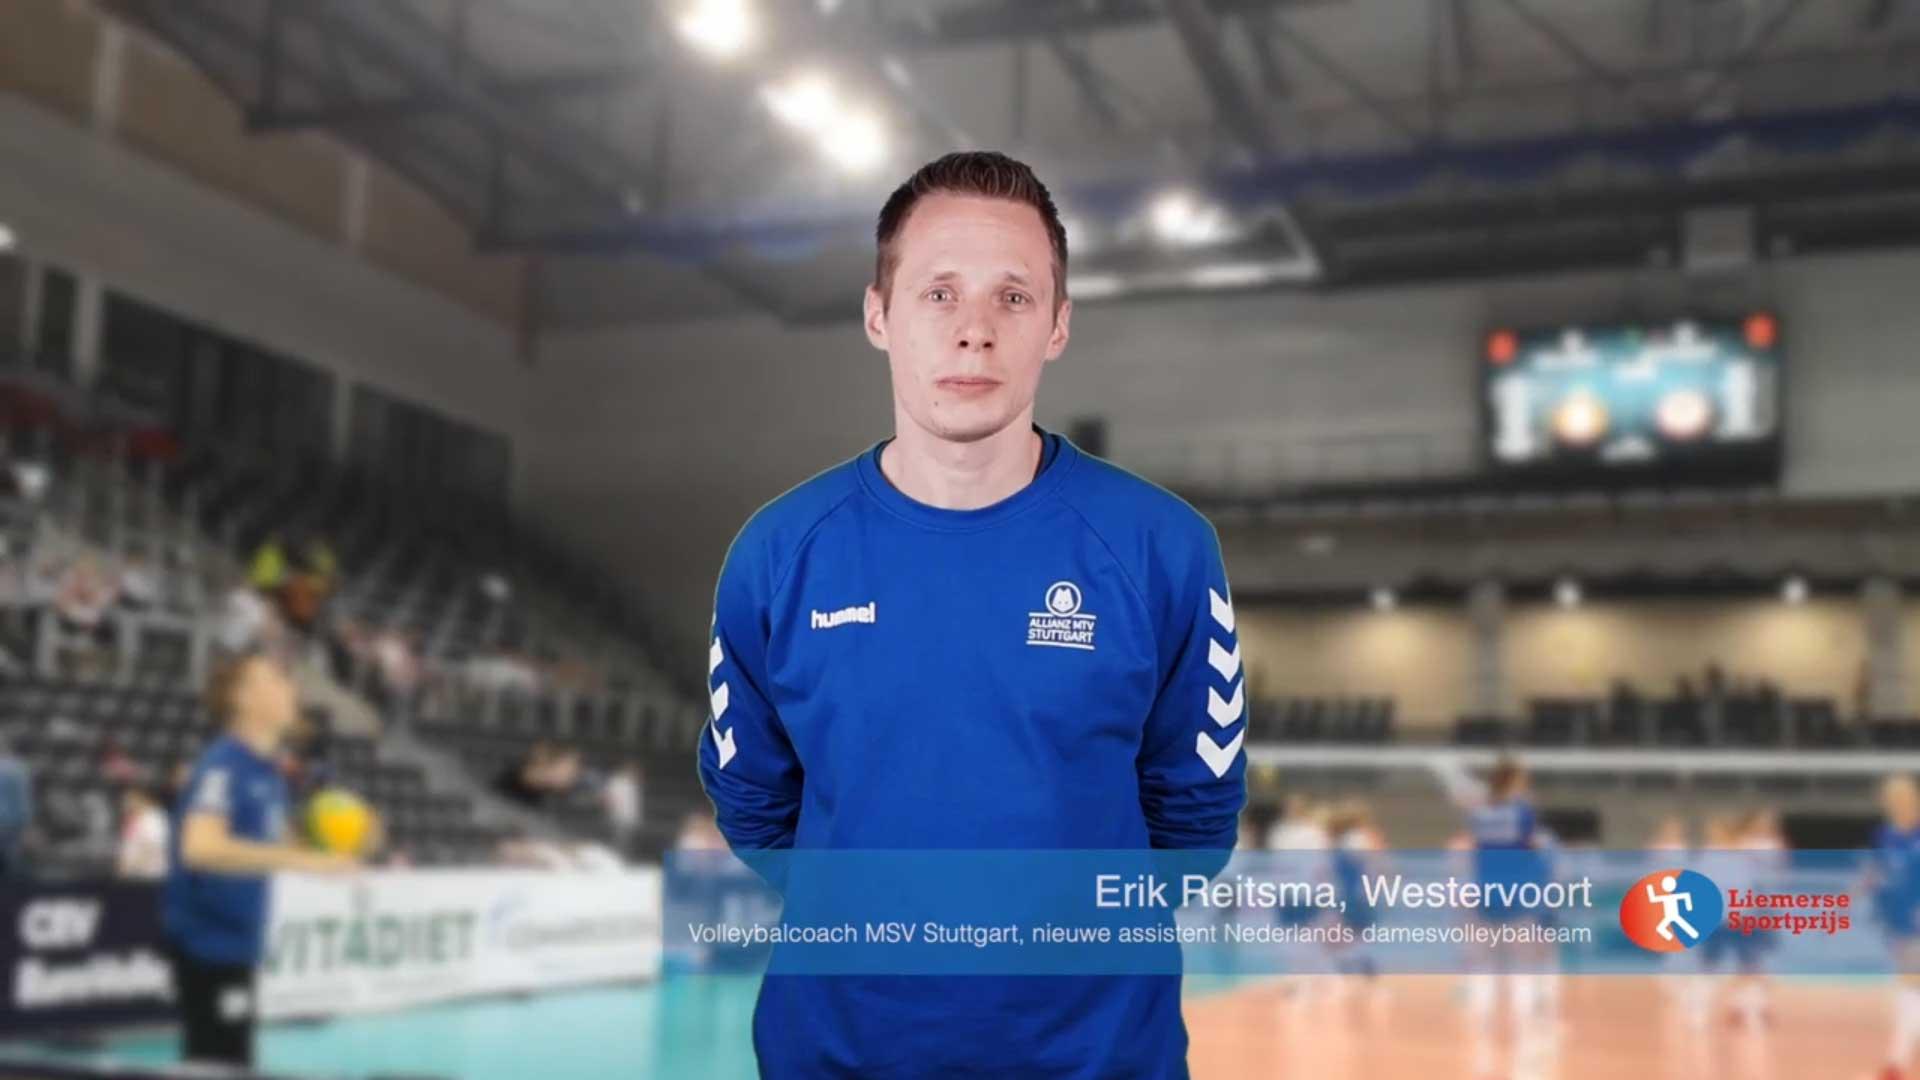 Volleybalcoach Erik Reitsma van MSV Stuttgart over zijn 2020